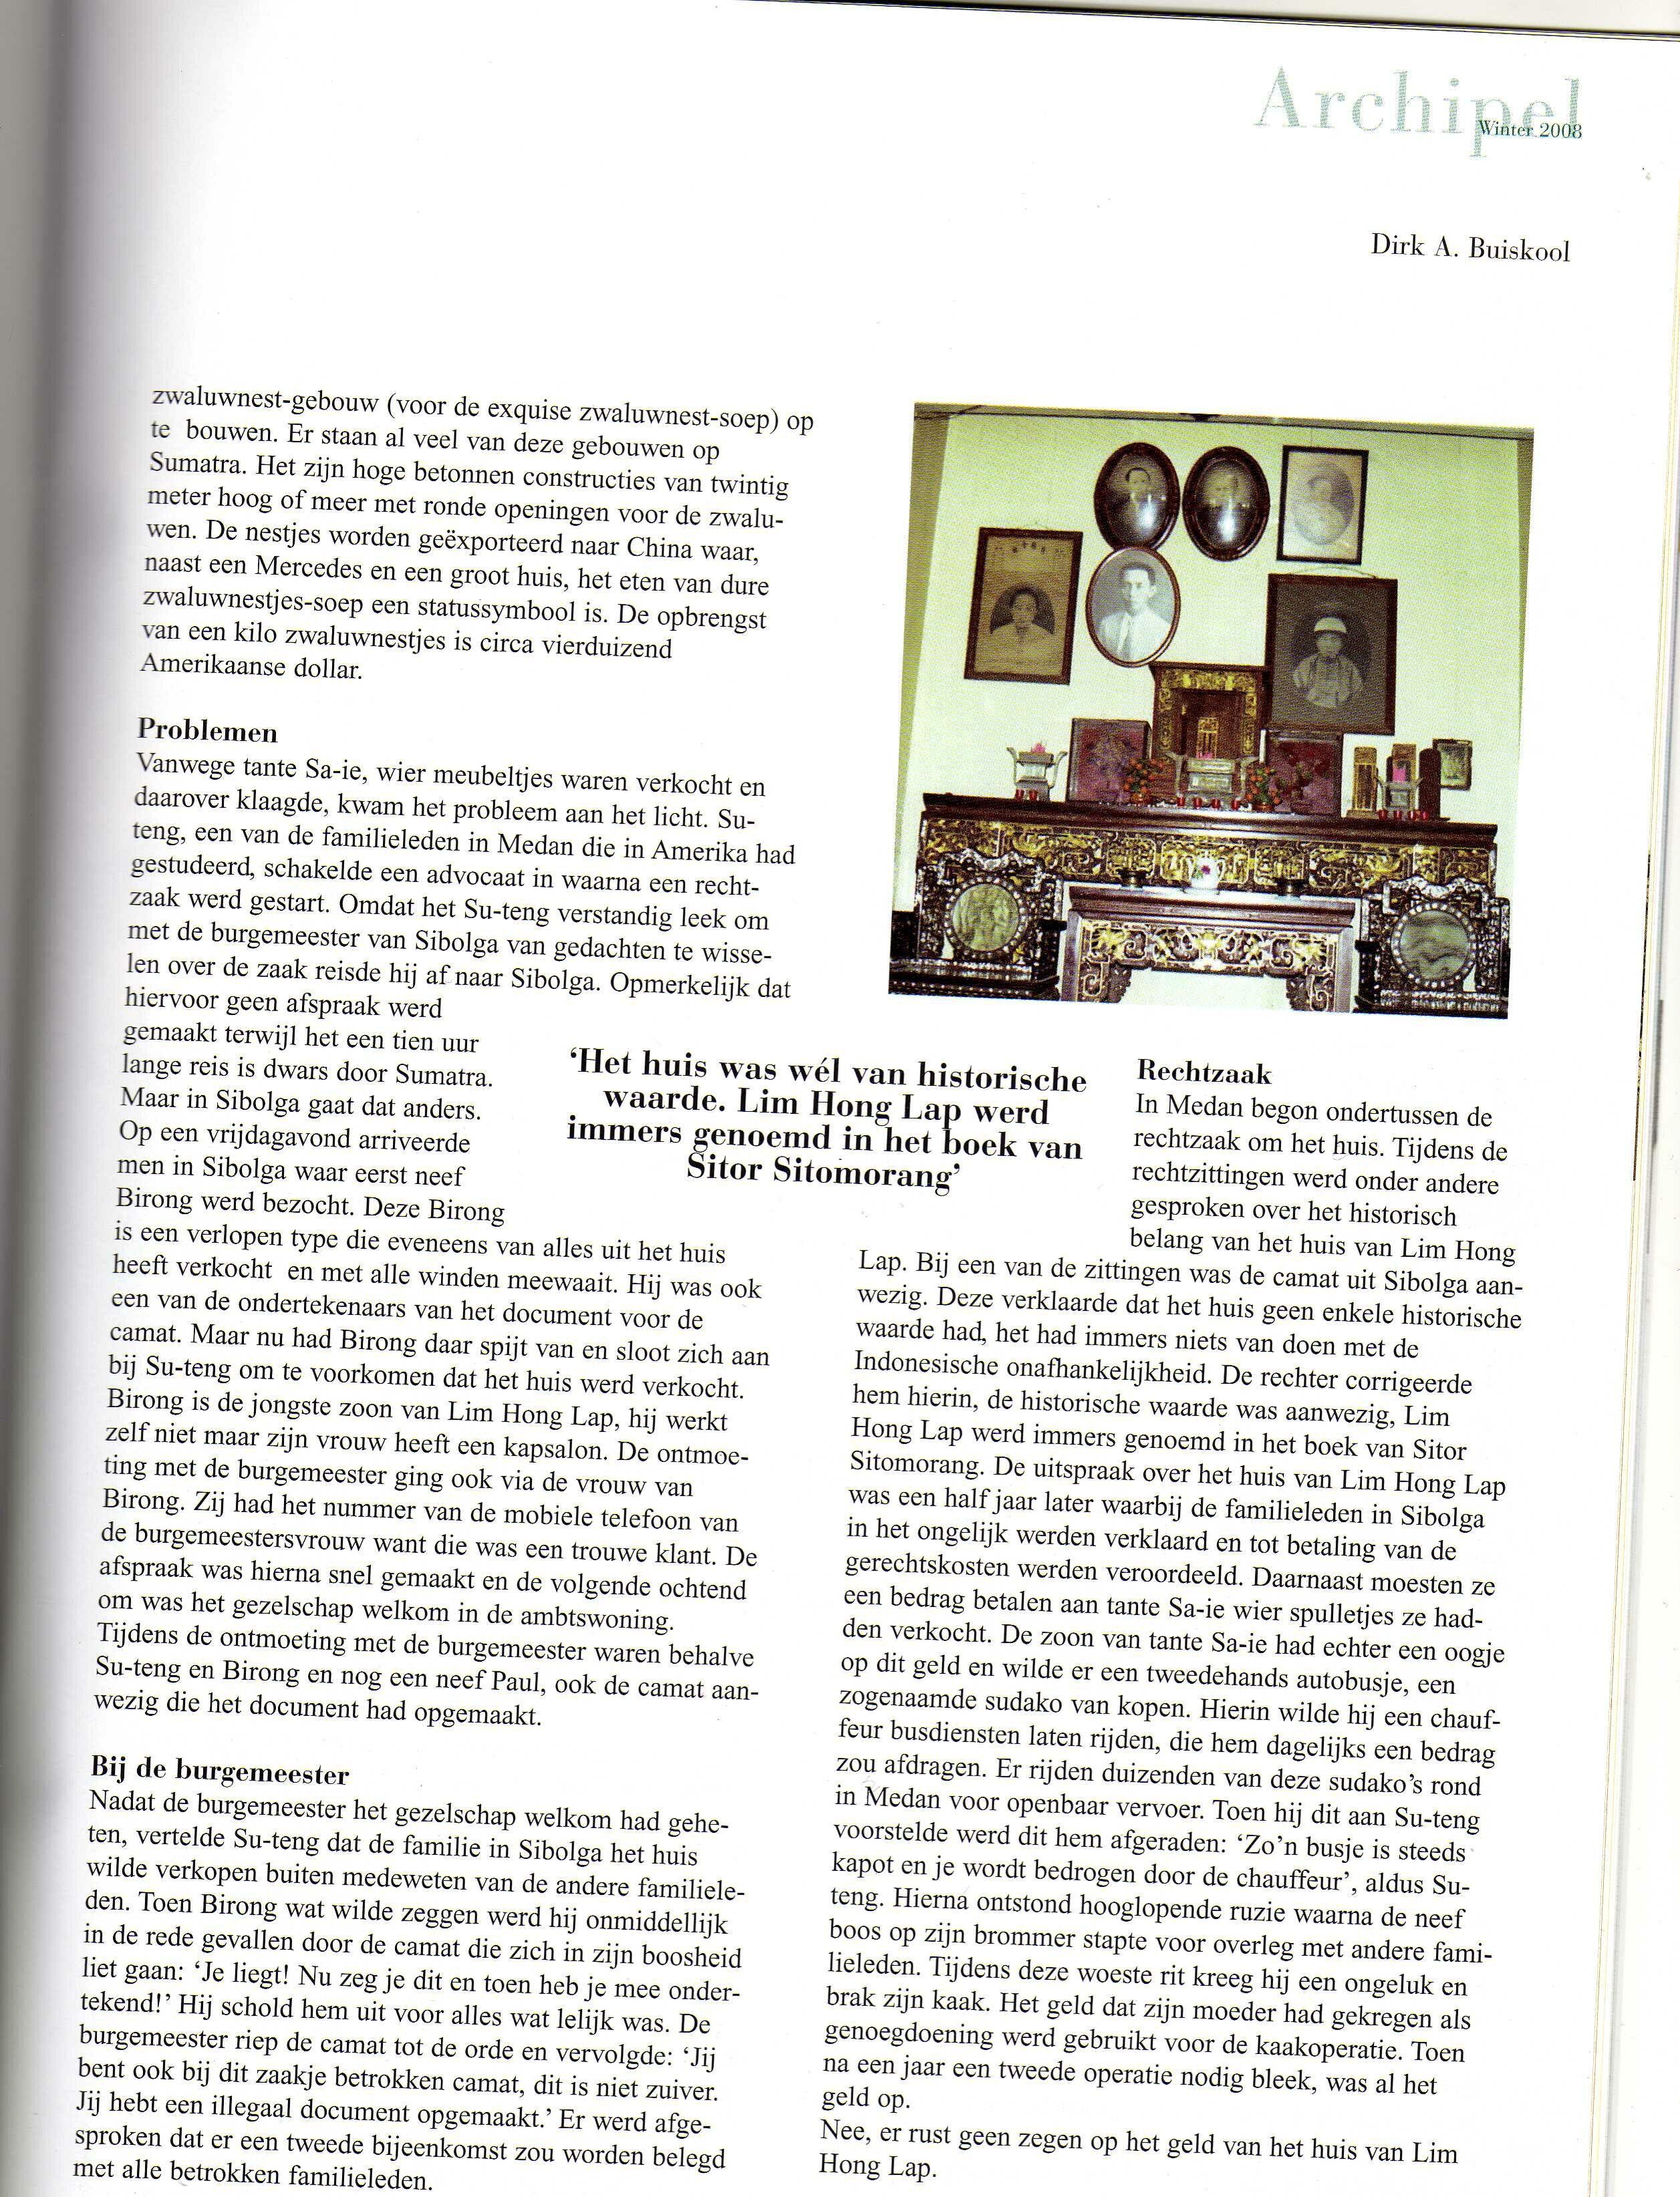 Article House Lim Hong Lap 2 - Het Huis van Lim Hong Lap